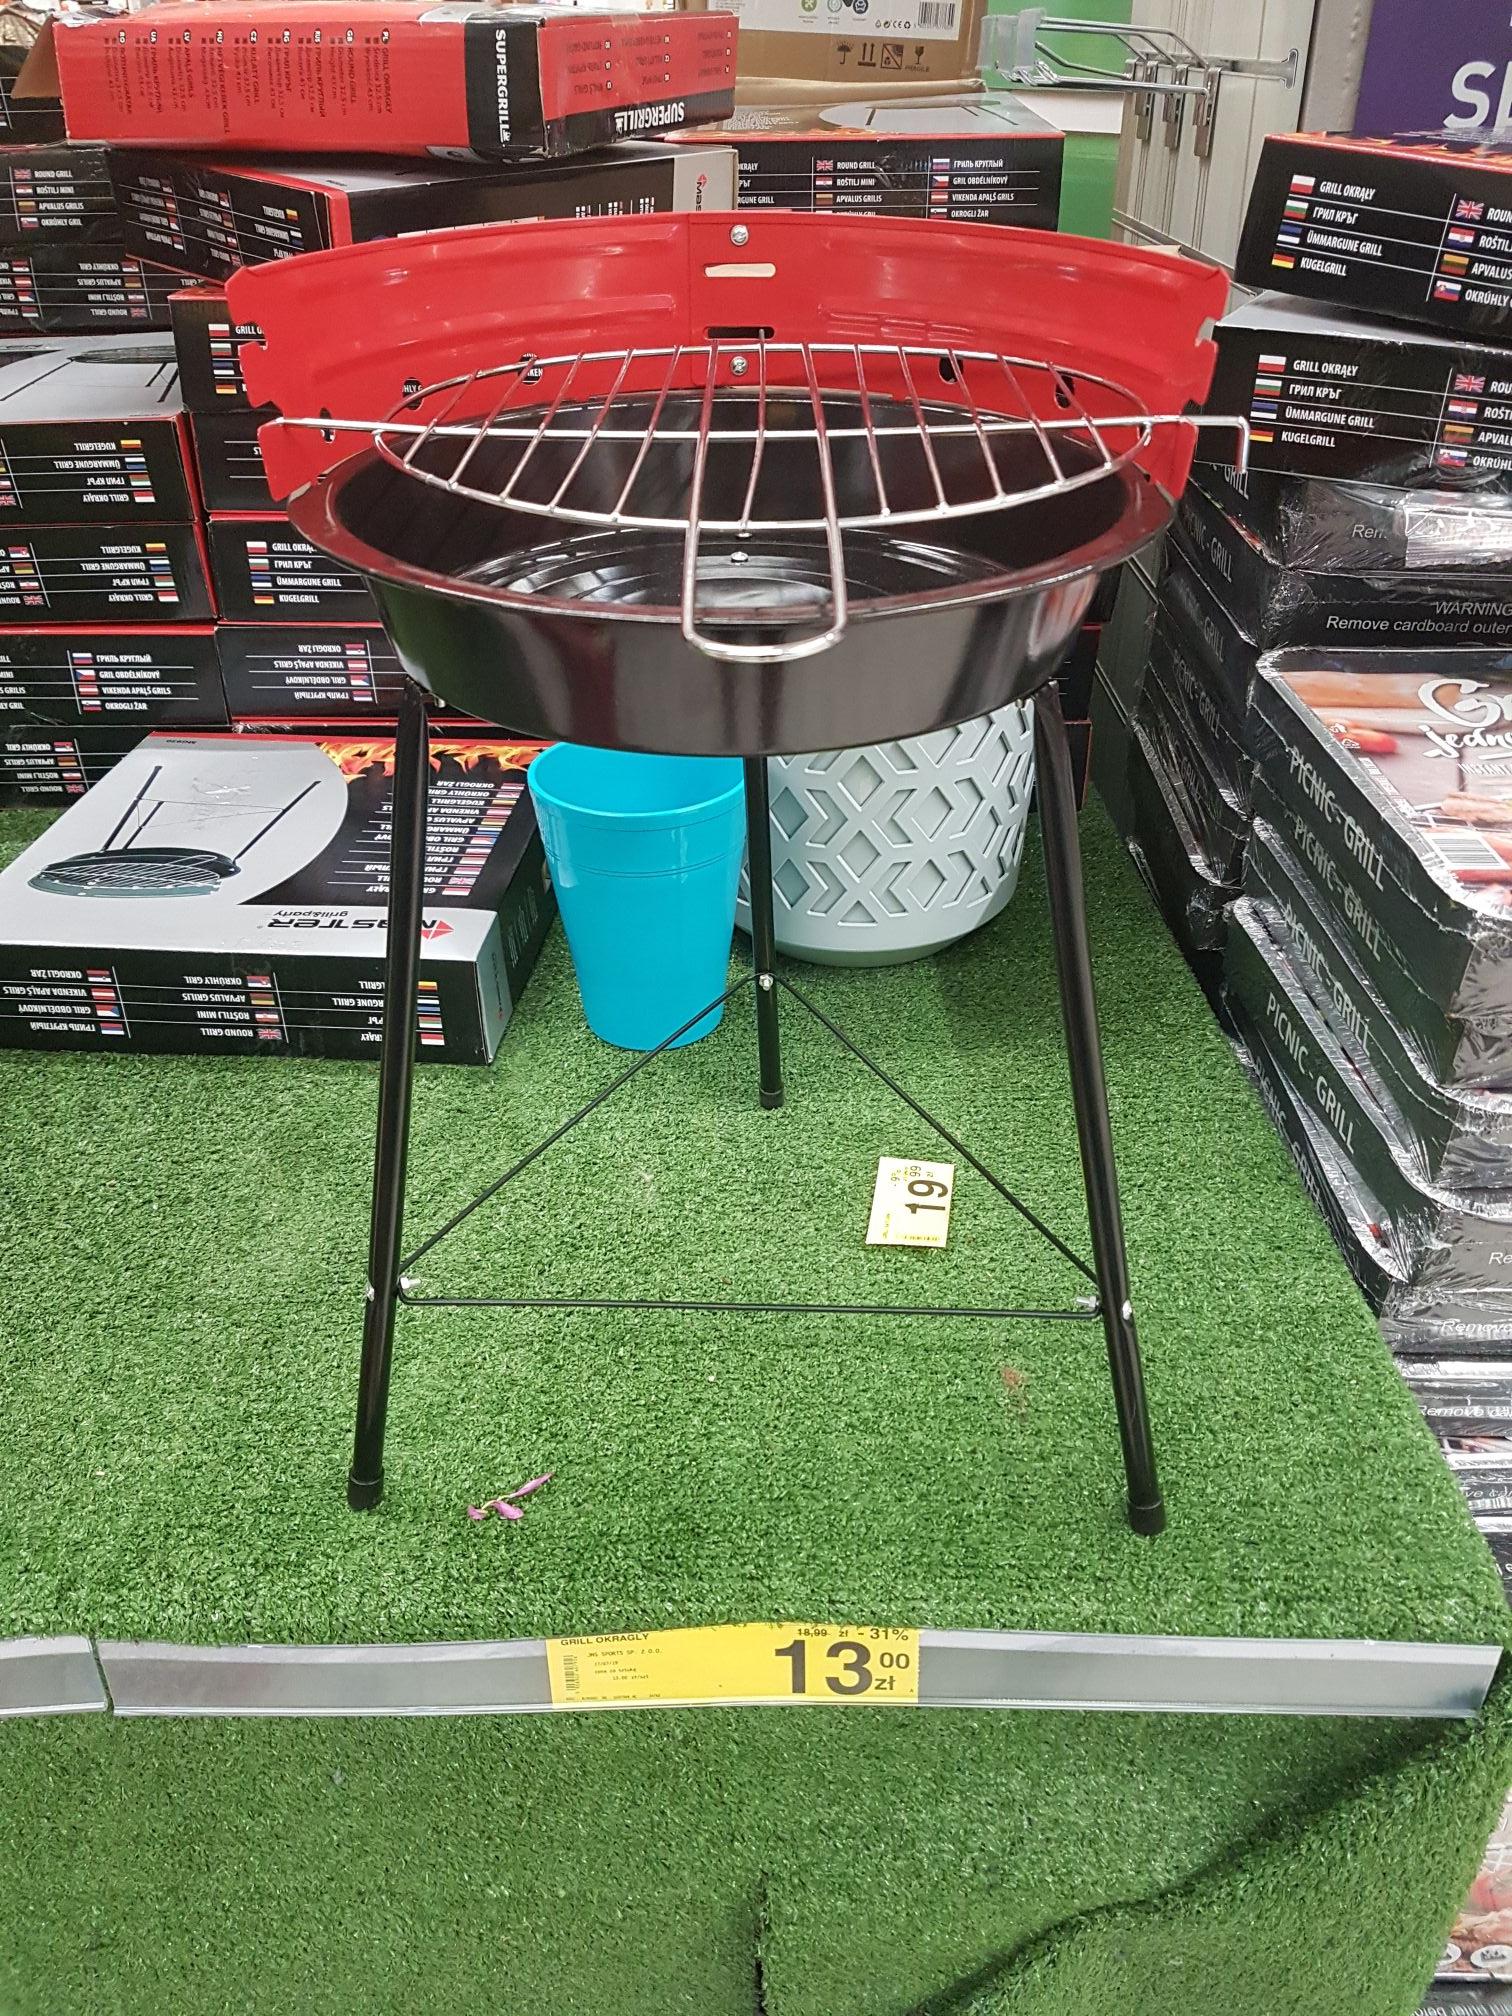 Grill okrągły w Carrefour